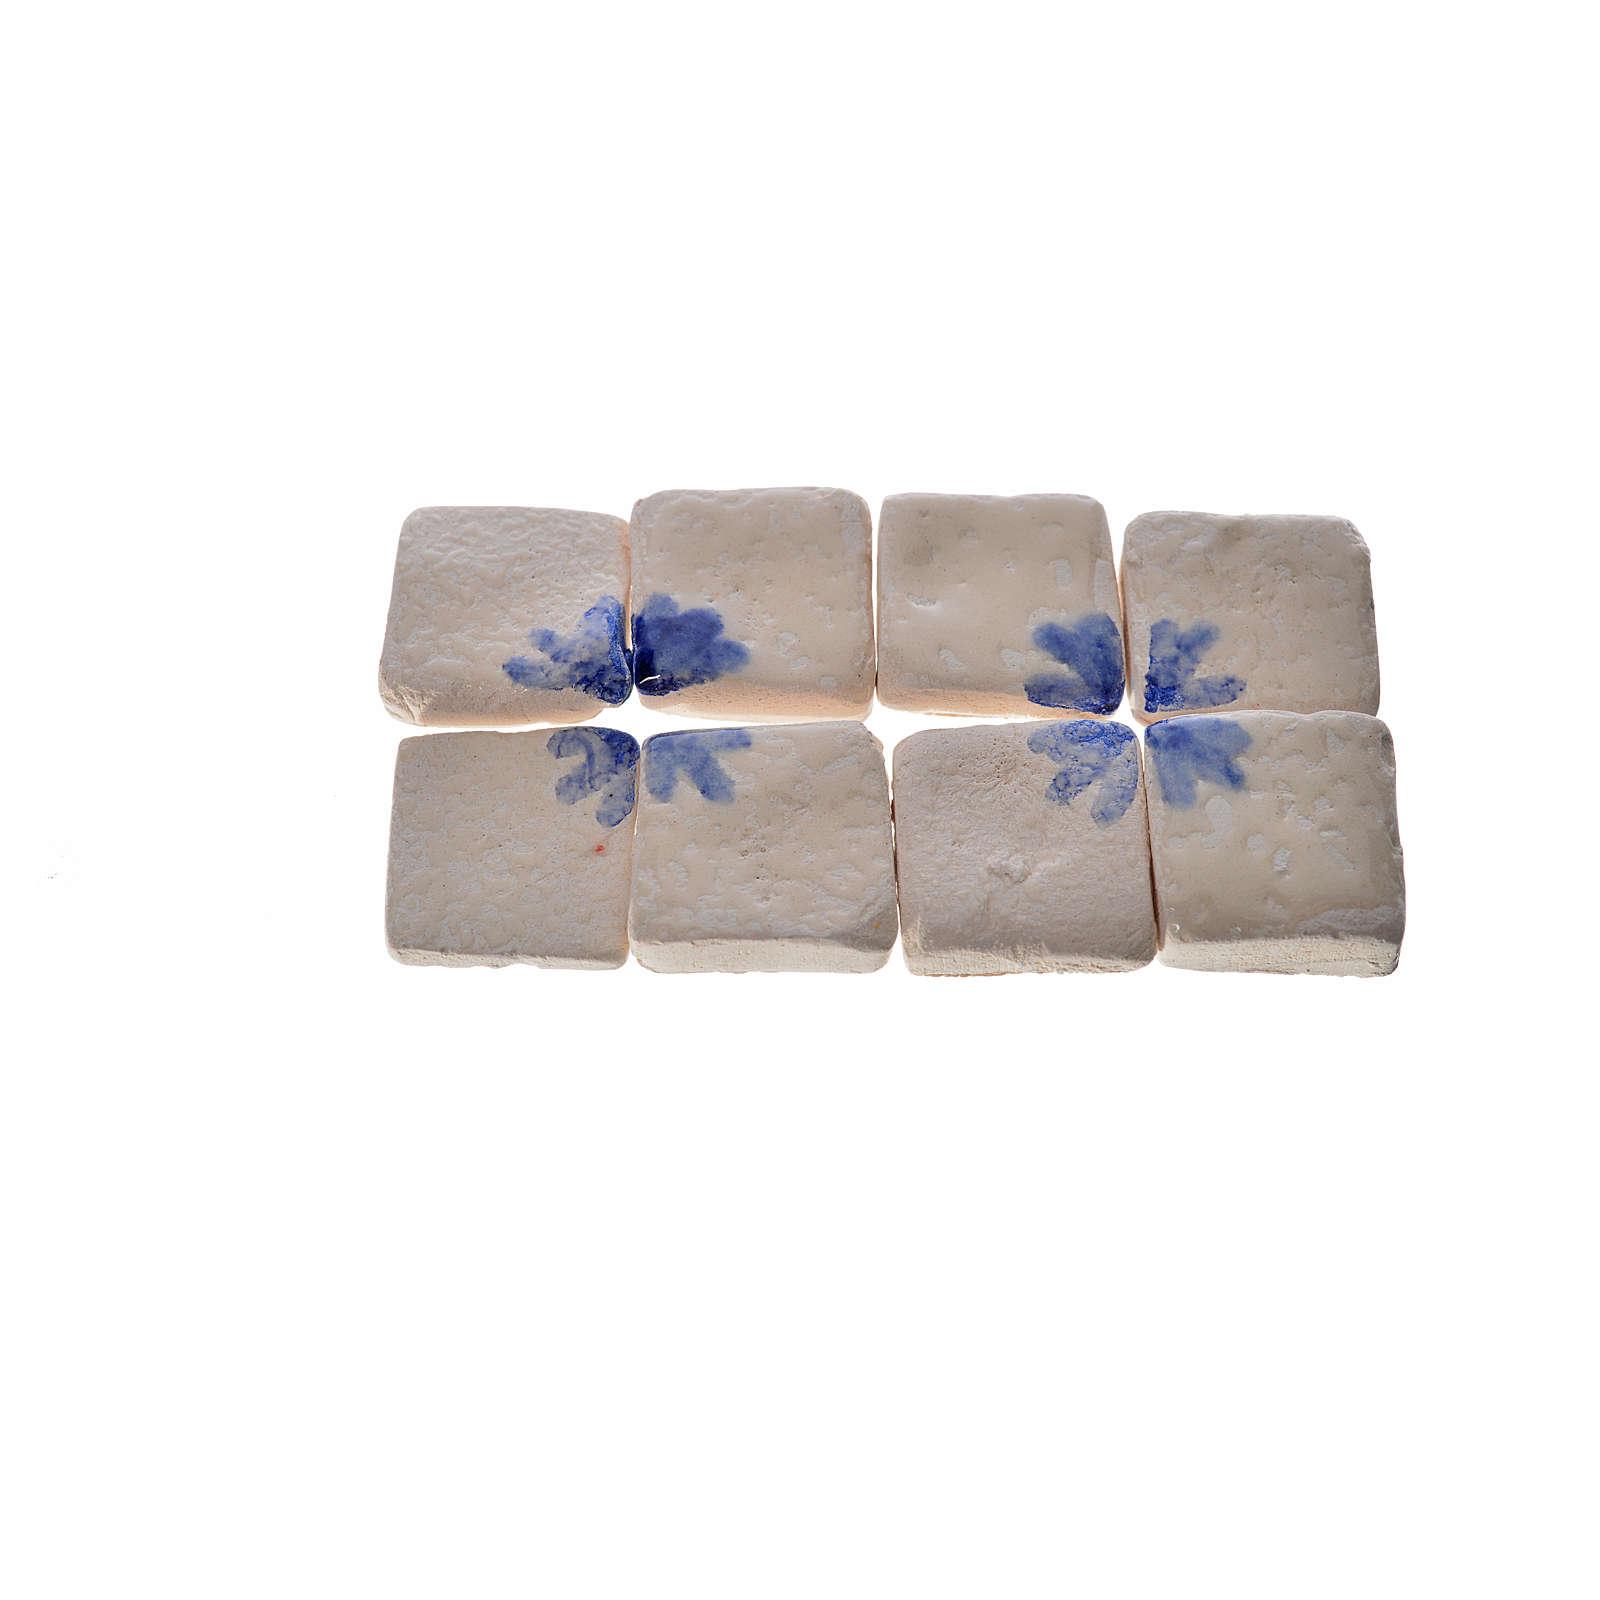 Carreaux flèche bleue terre cuite émaillée 60 pcs 4